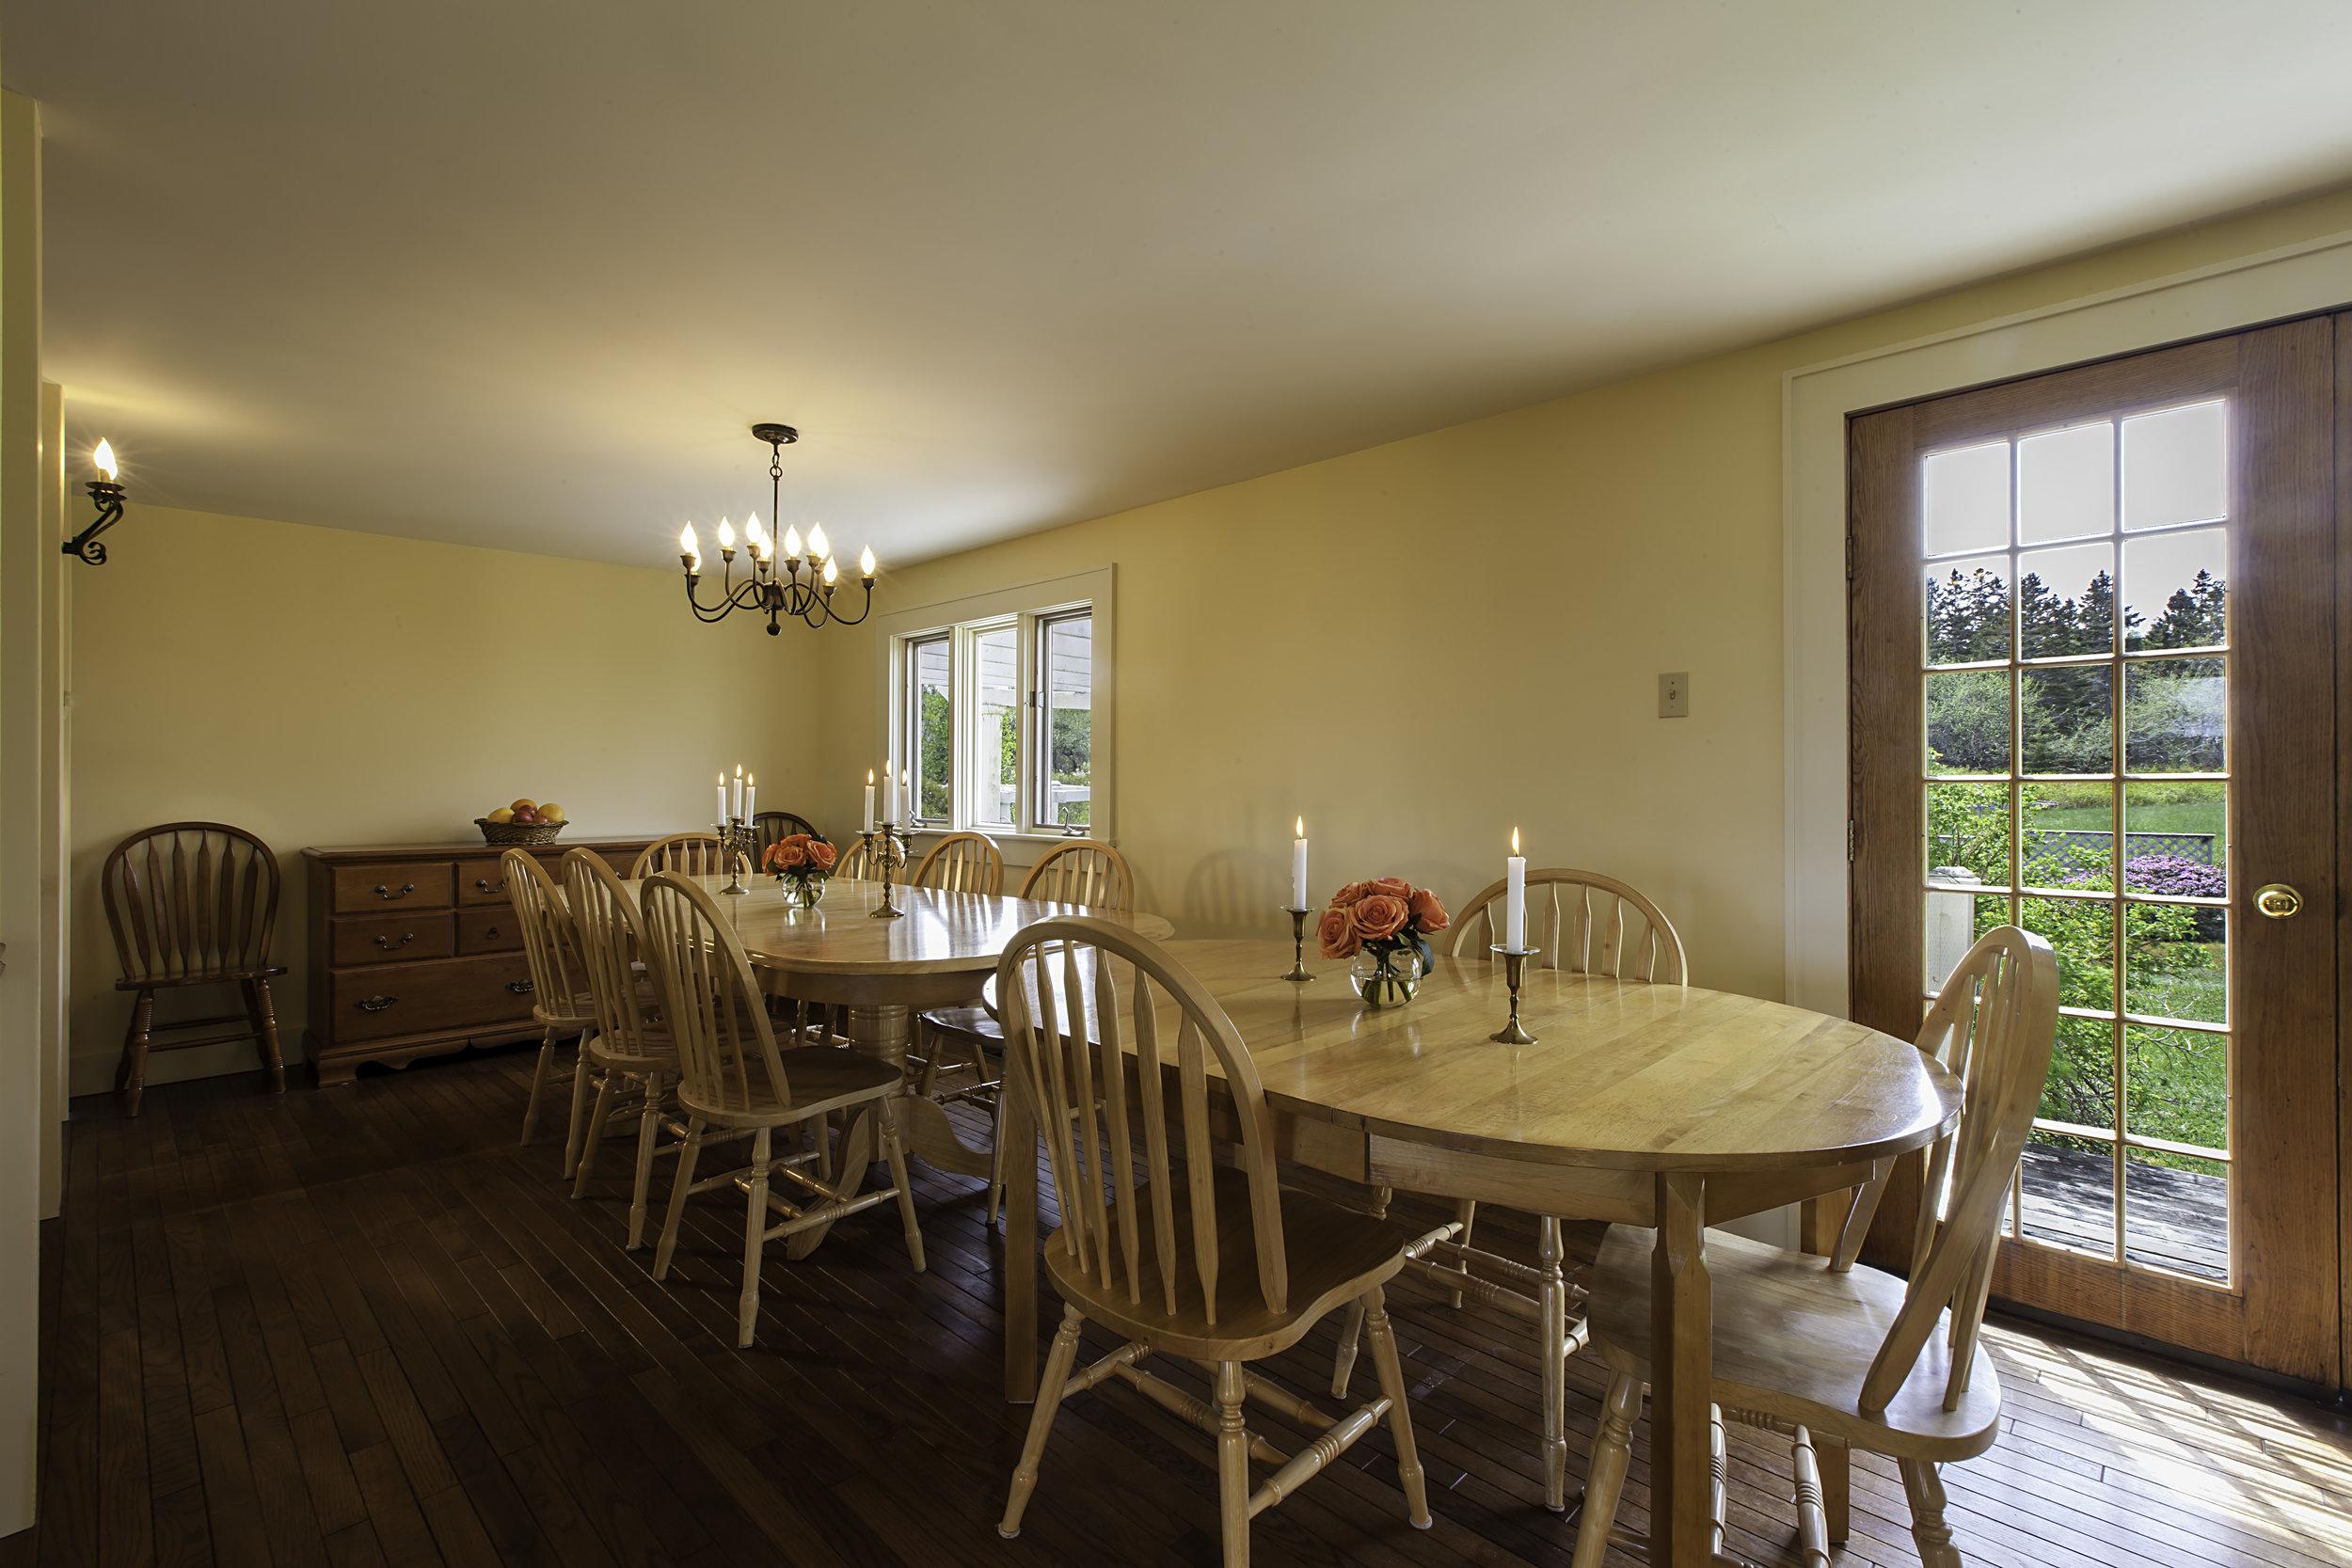 IMG_5258-Dining_Room-3.jpg